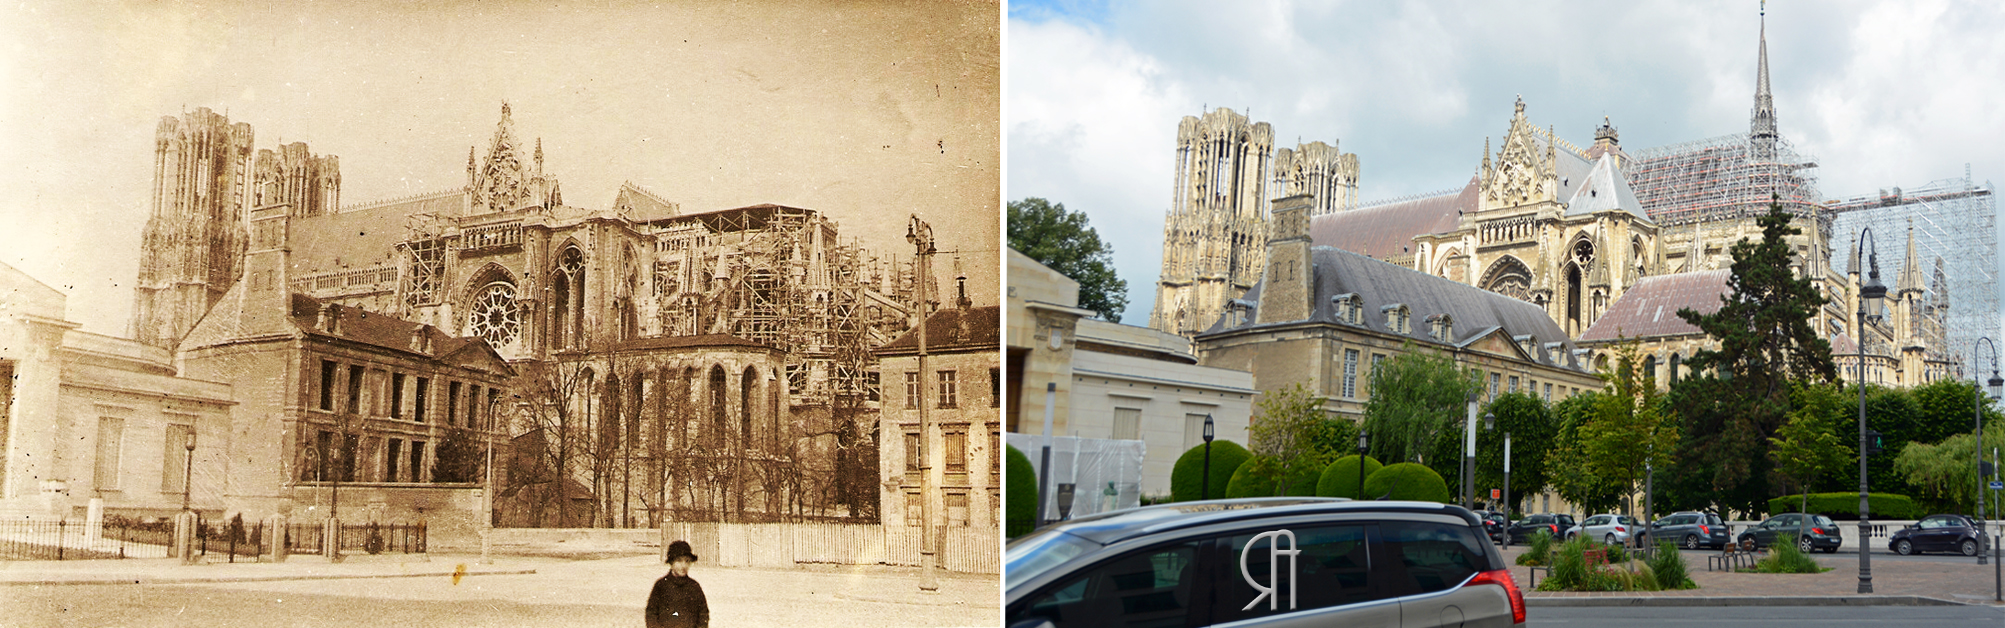 L'échafaudage de la cathédrale